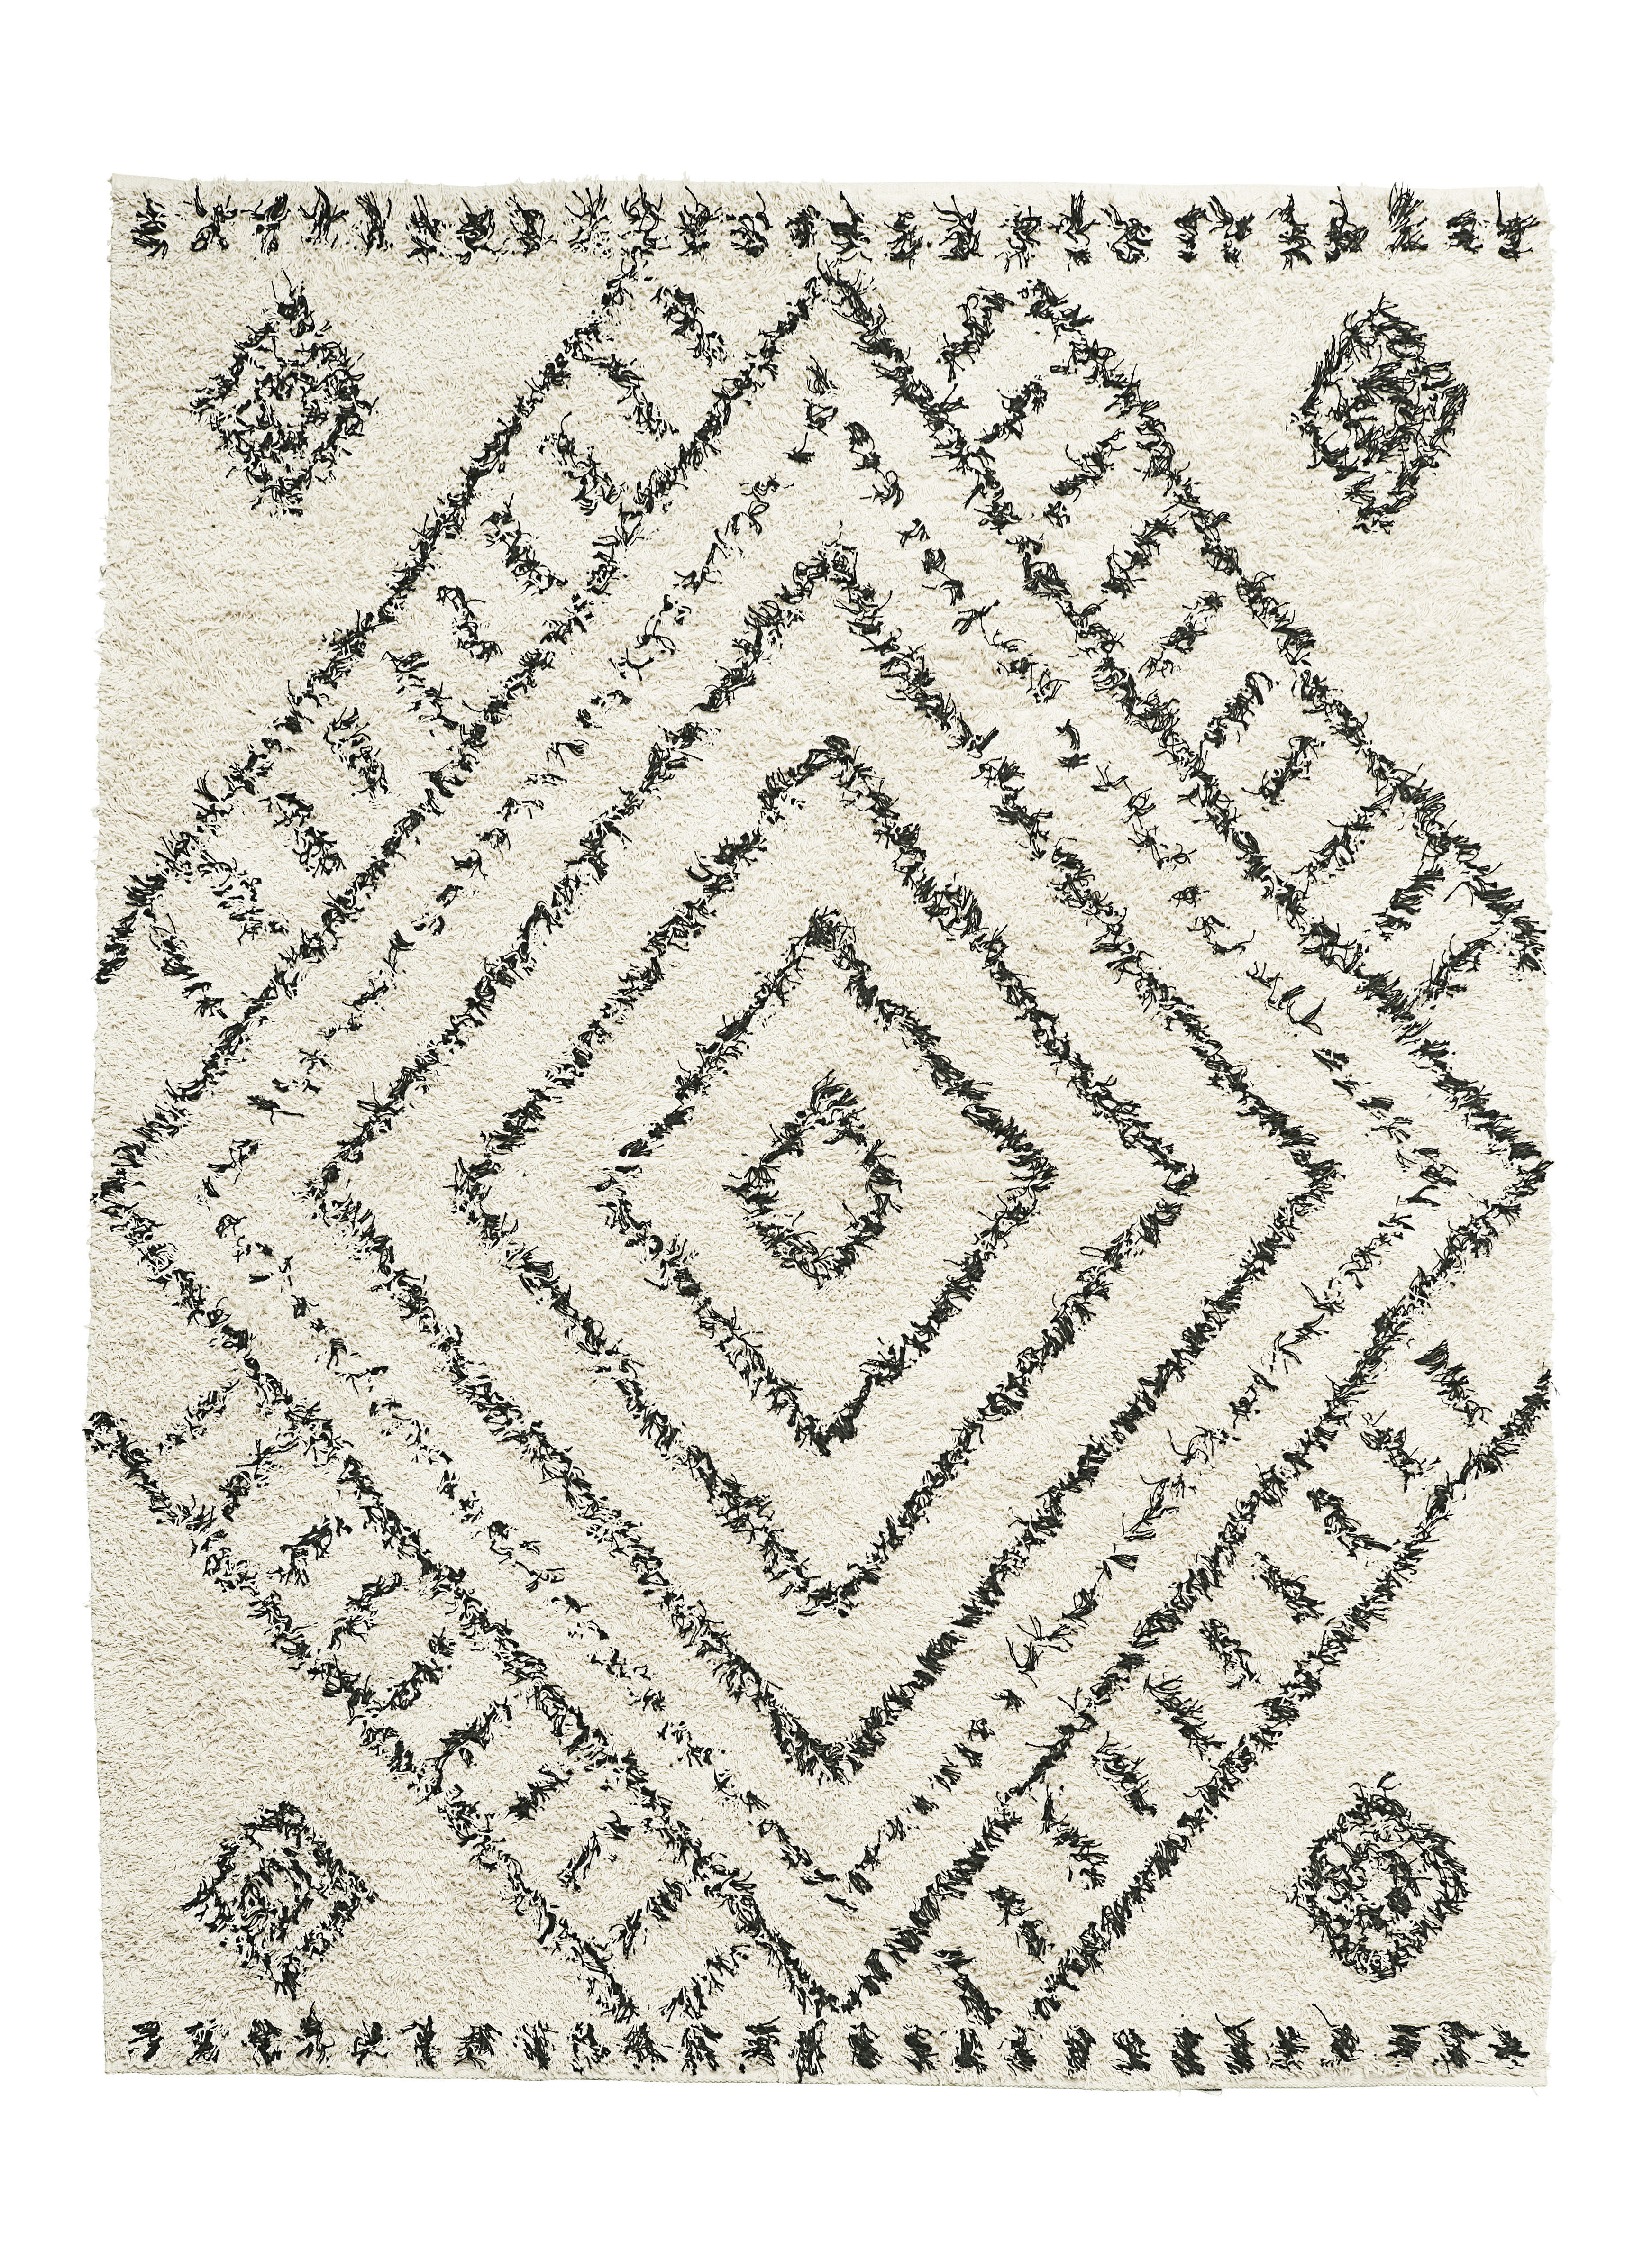 Dekoration - Teppiche - Nubia Teppich / 160 x 210 cm - House Doctor - Weiß / Muster schwarz - Baumwolle